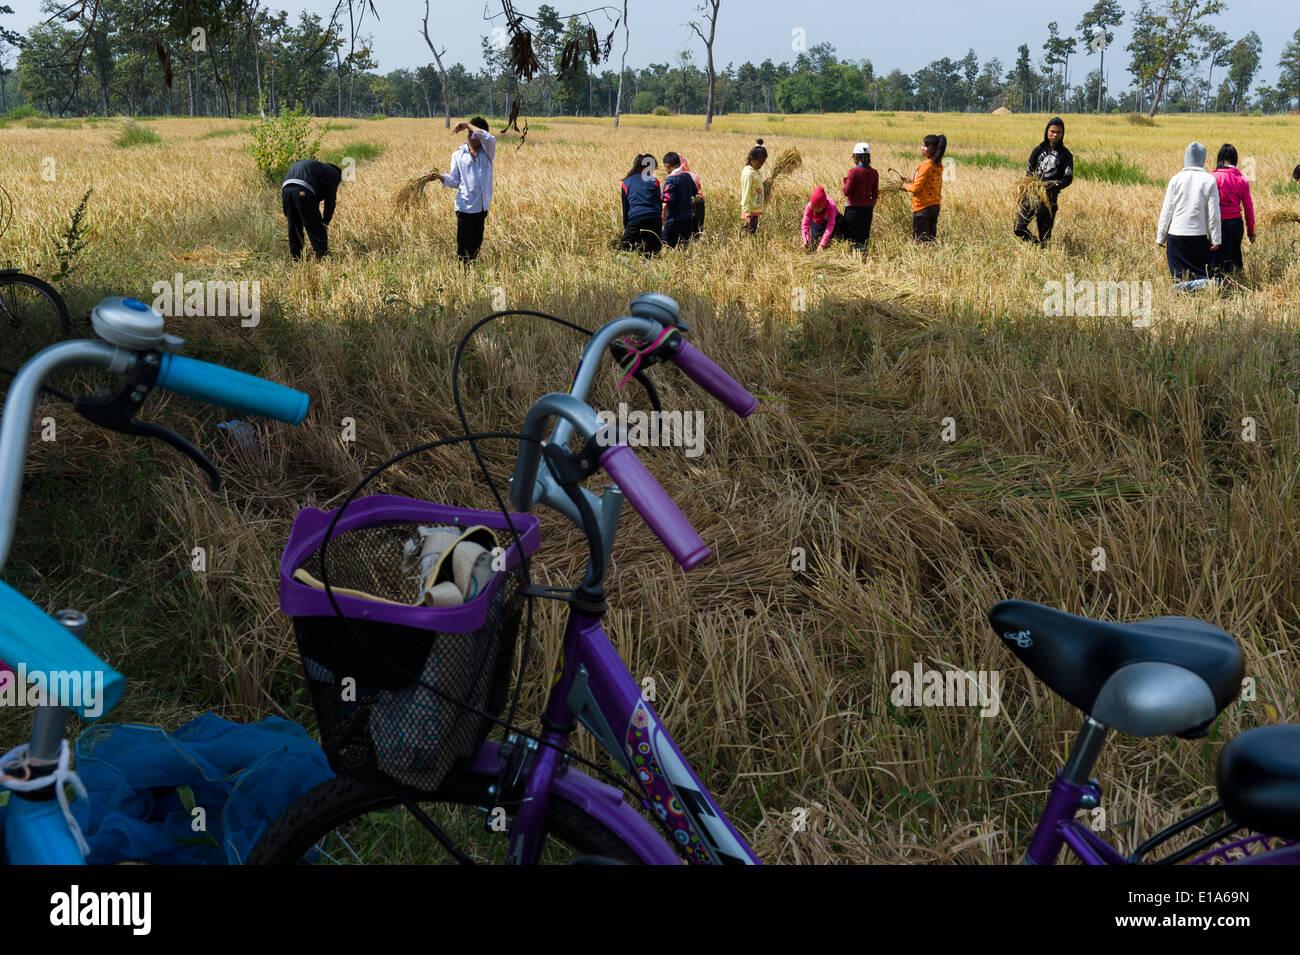 Los alumnos de la escuela Ngieng Ding Mak, Soukvilay Village, cerca del seno, ayudando a su maestro con la cosecha de arroz, en Laos. Imagen De Stock